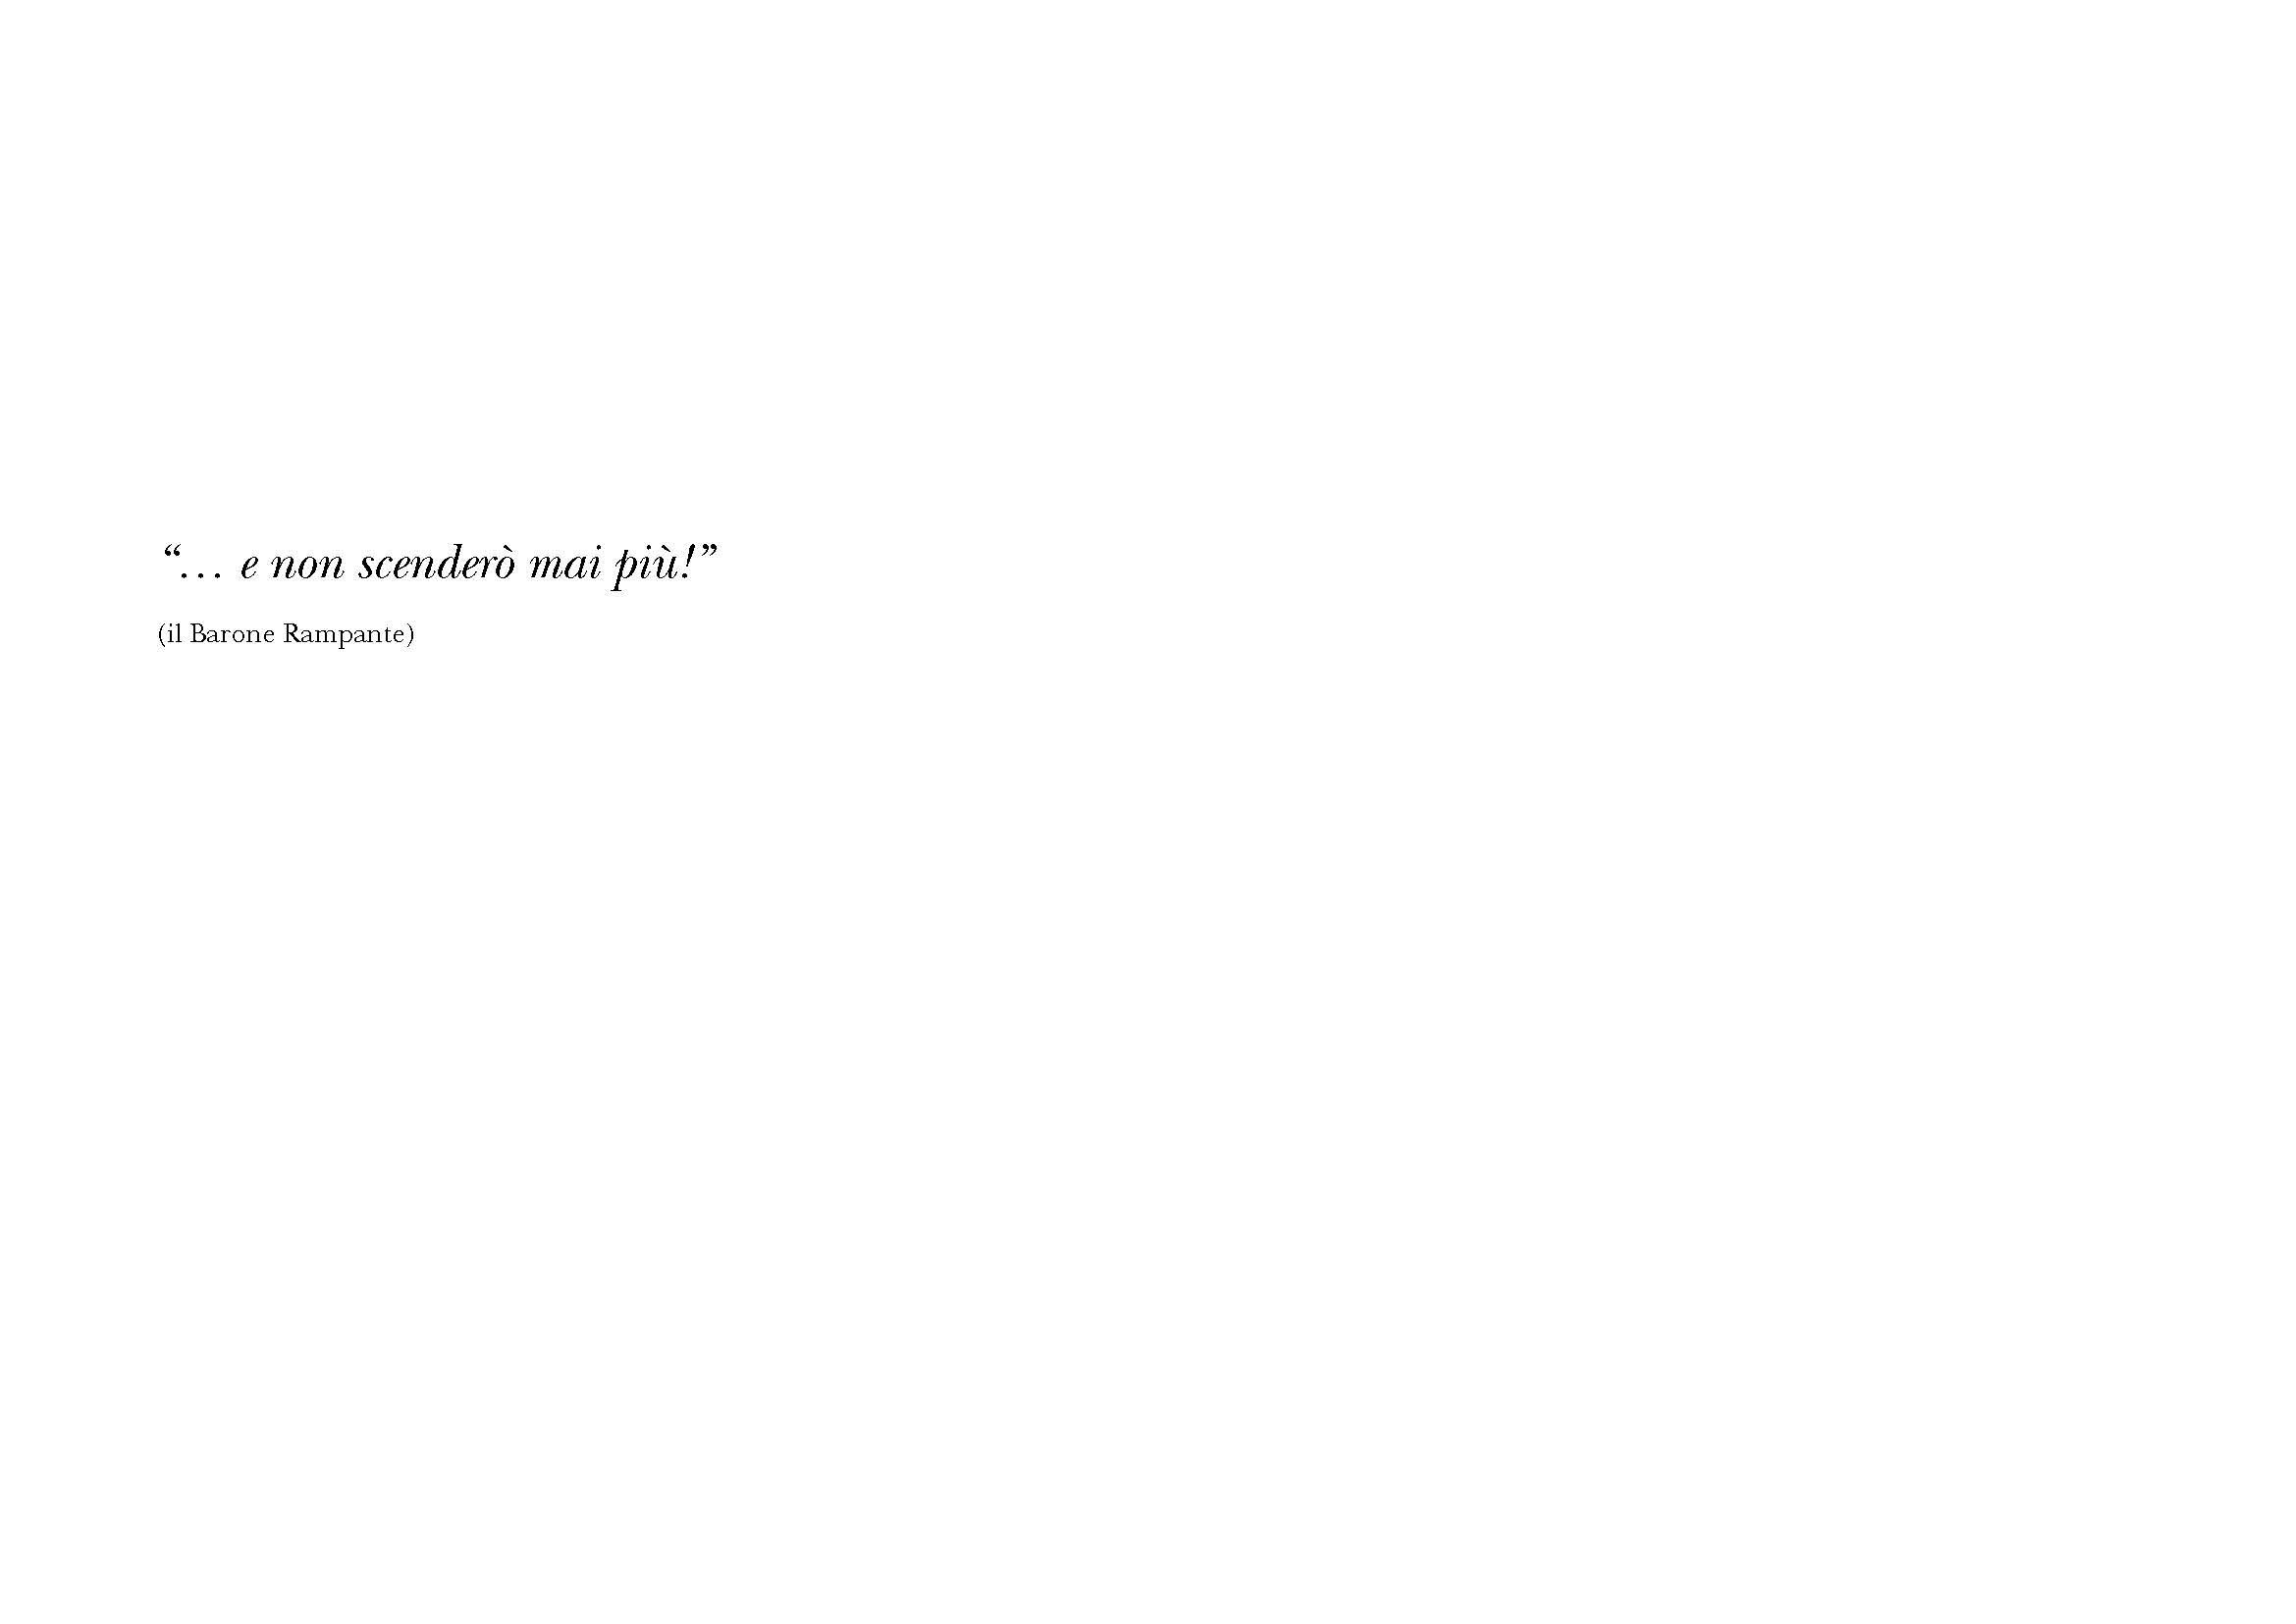 PB08-Assassinio_Page_04.jpg